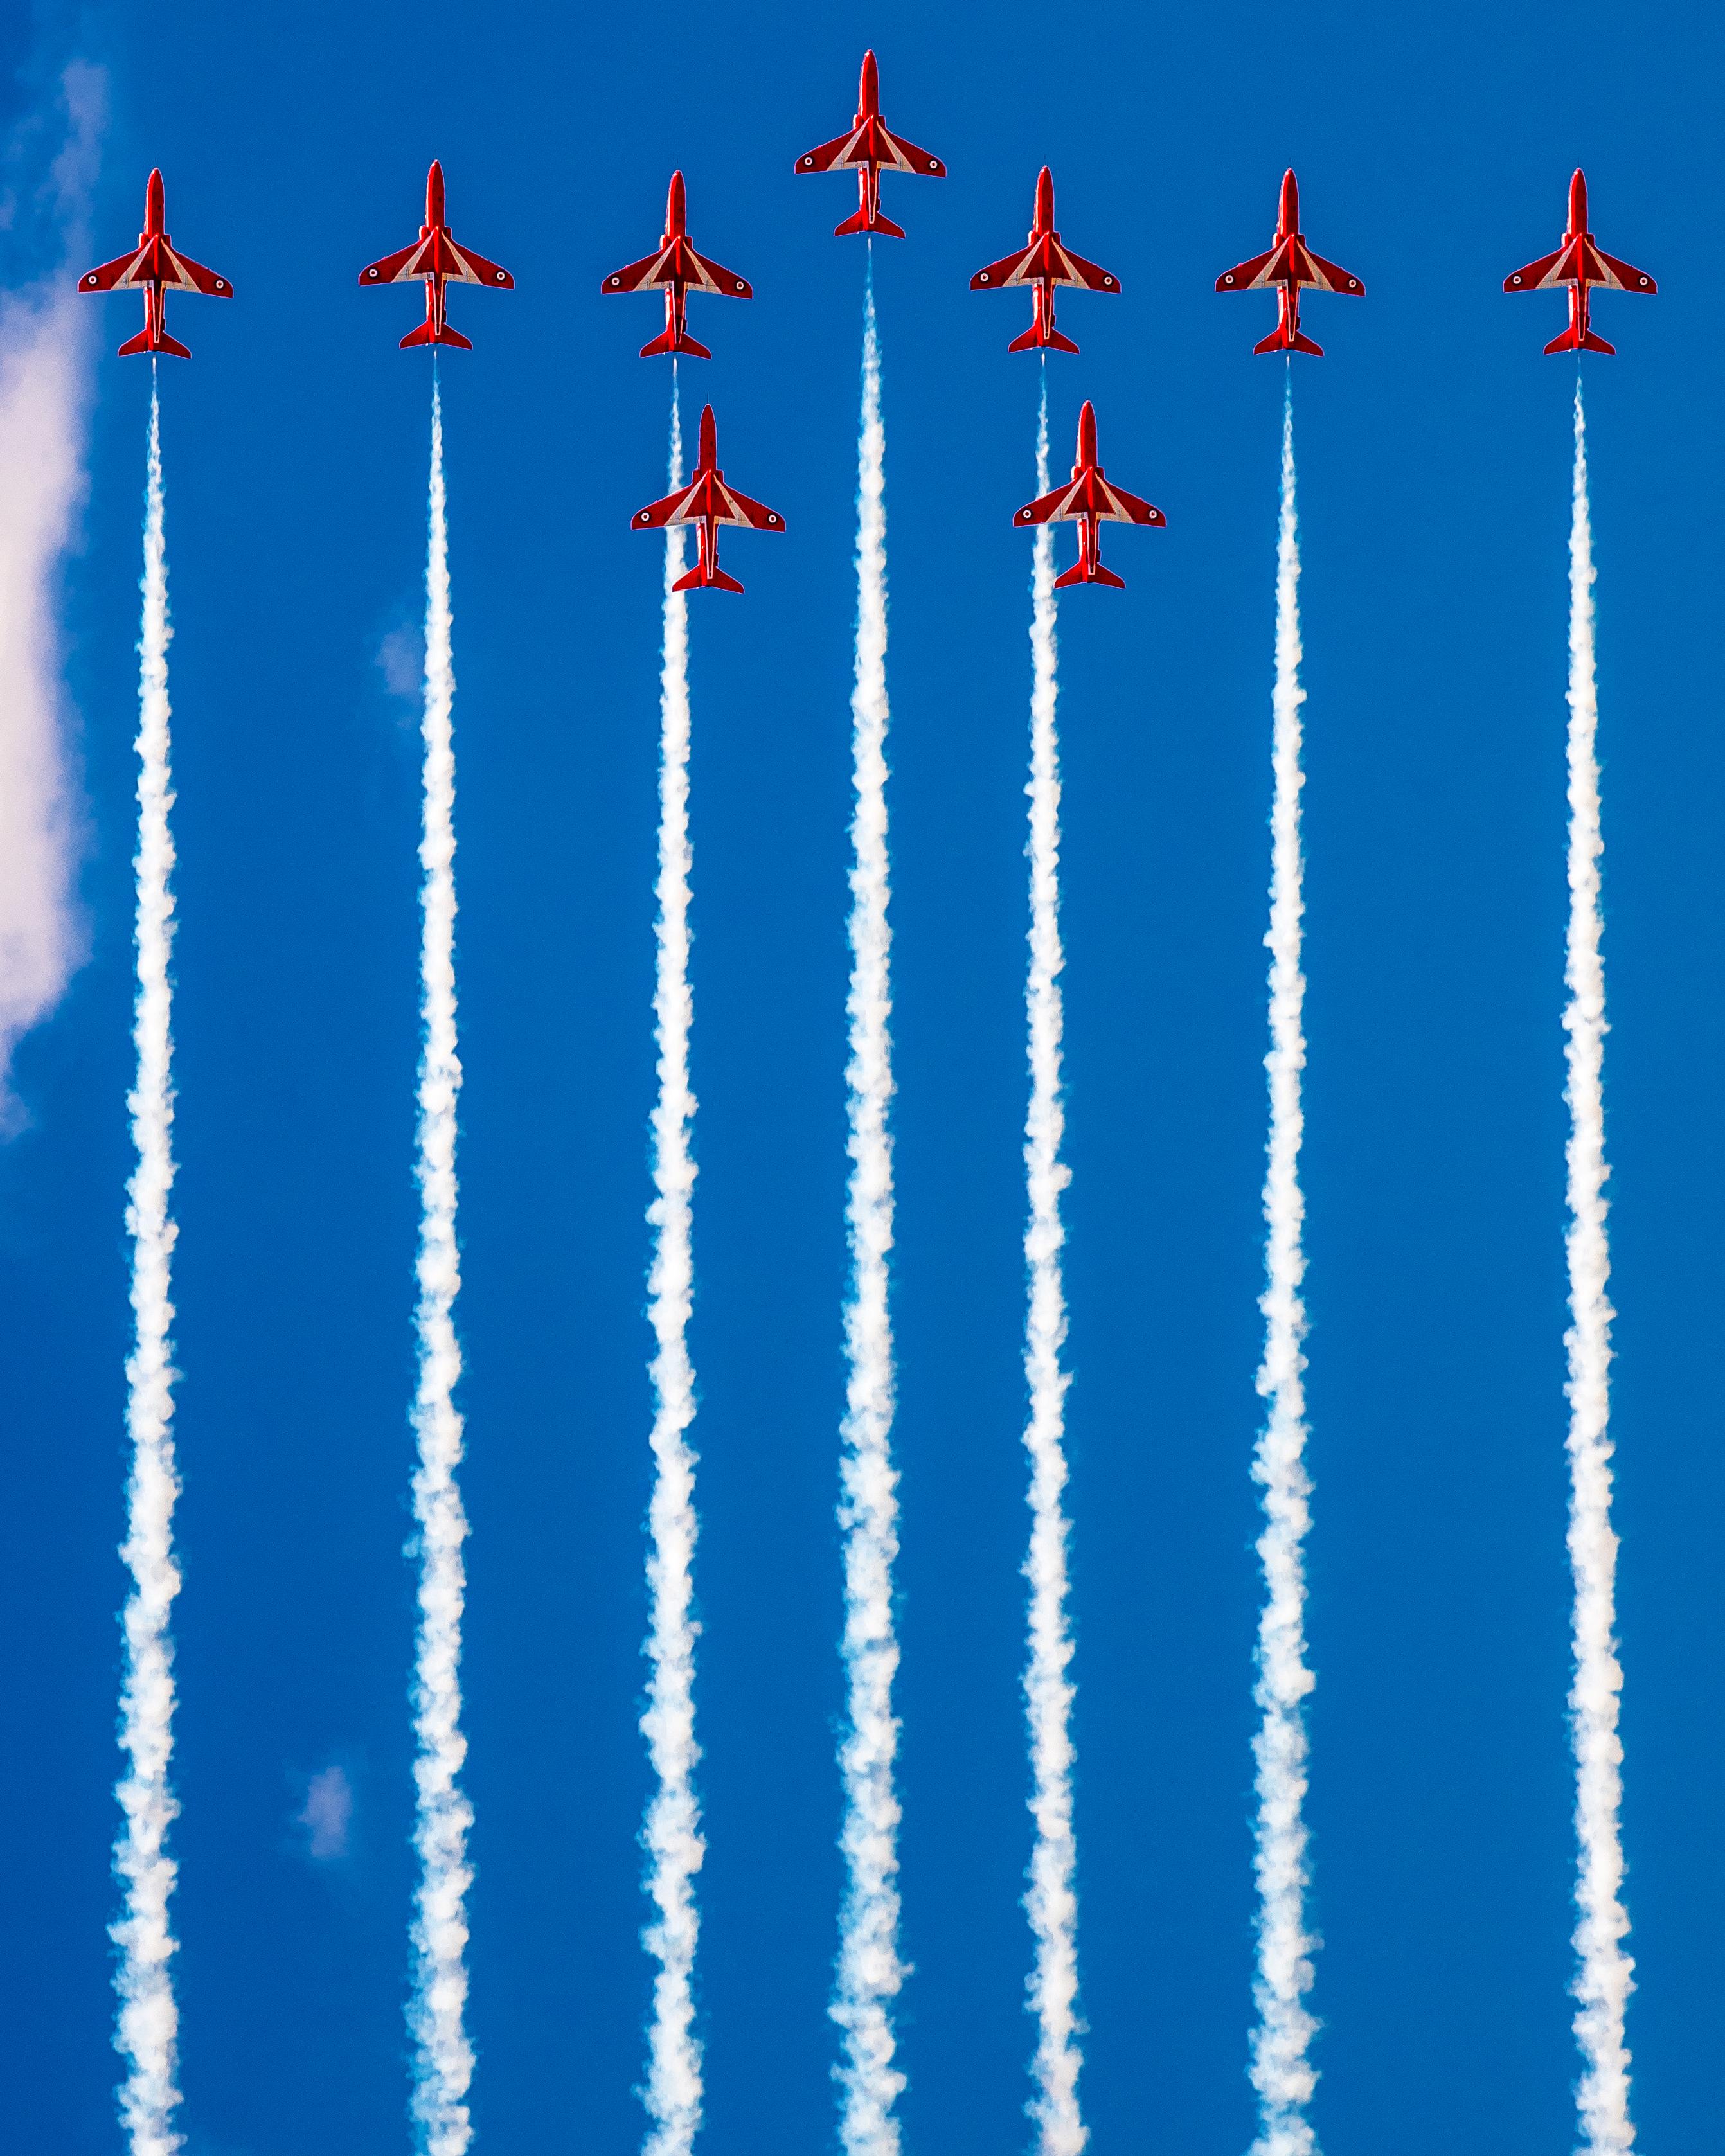 54613 Hintergrundbild herunterladen Sky, Raucher, Flugzeuge, Verschiedenes, Sonstige, Flug, Spuren - Bildschirmschoner und Bilder kostenlos